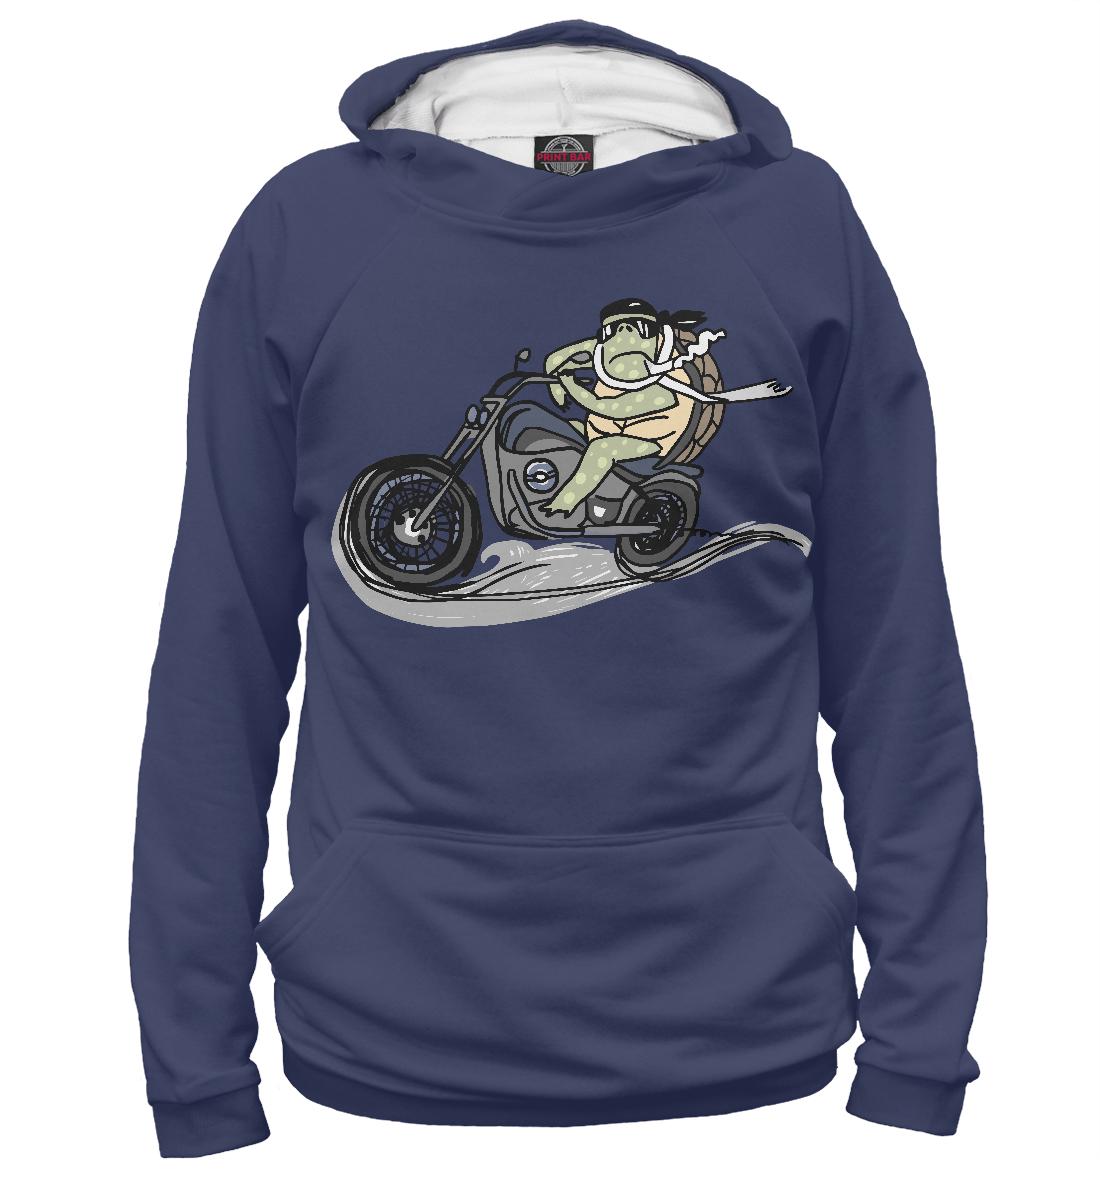 Купить Черепаха на мотоцикле, Printbar, Худи, MTR-268832-hud-1